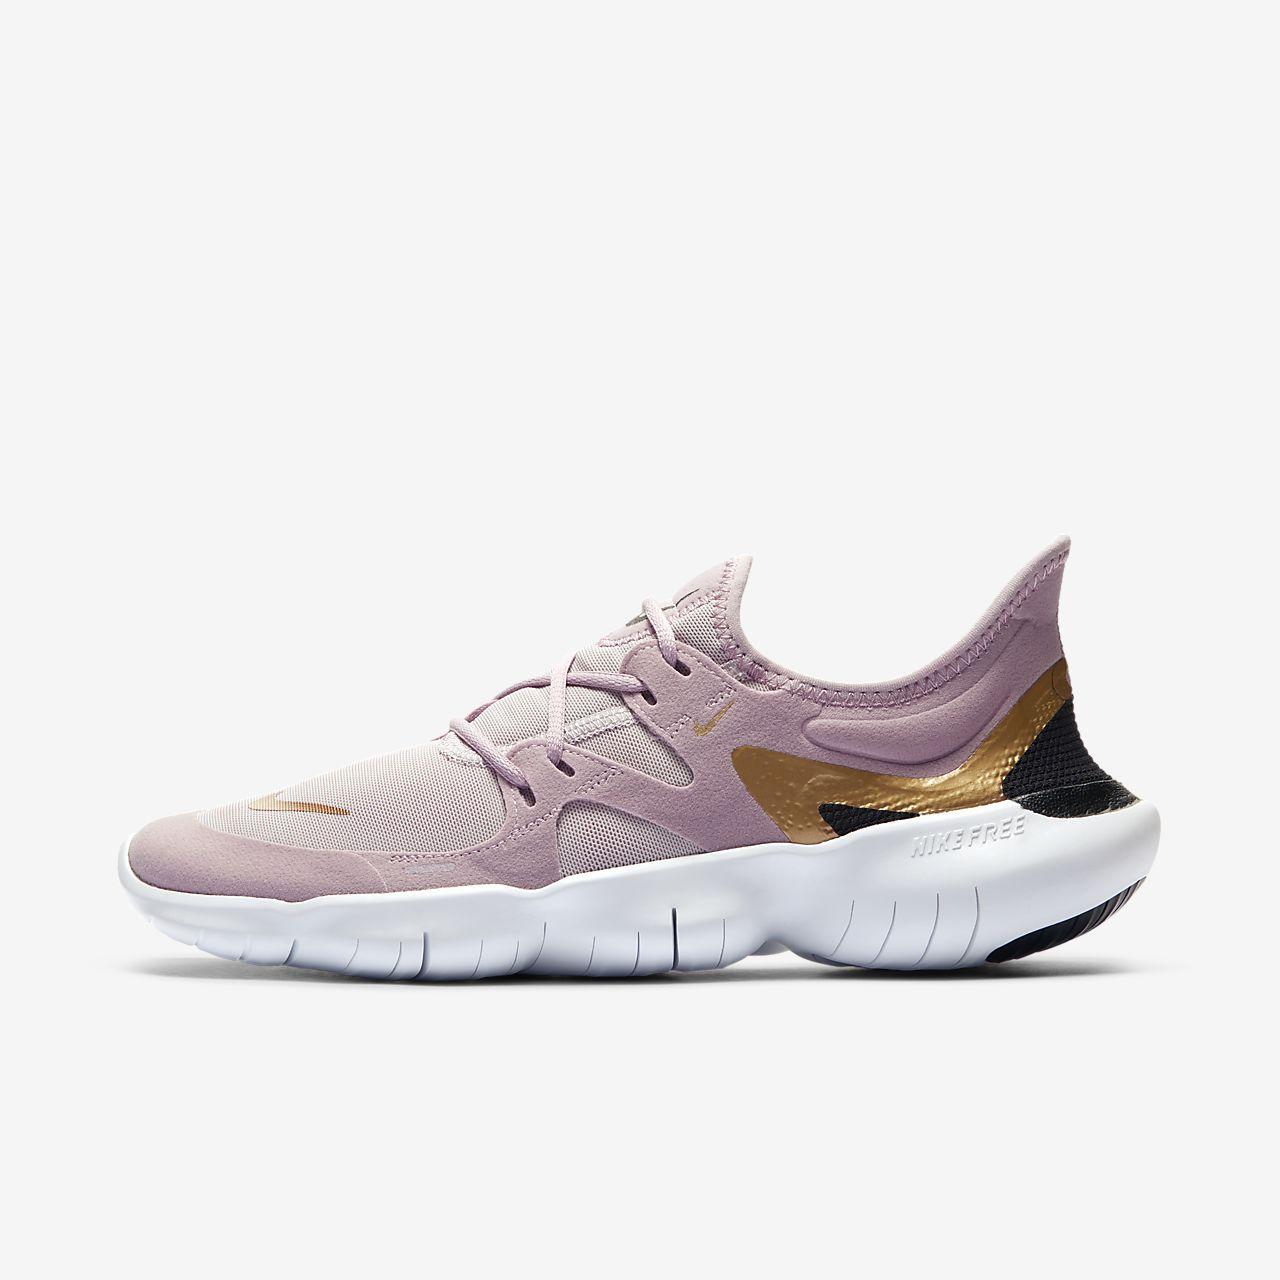 Nike Free RN 2018 Natural Running Shoes Women Black | Buy